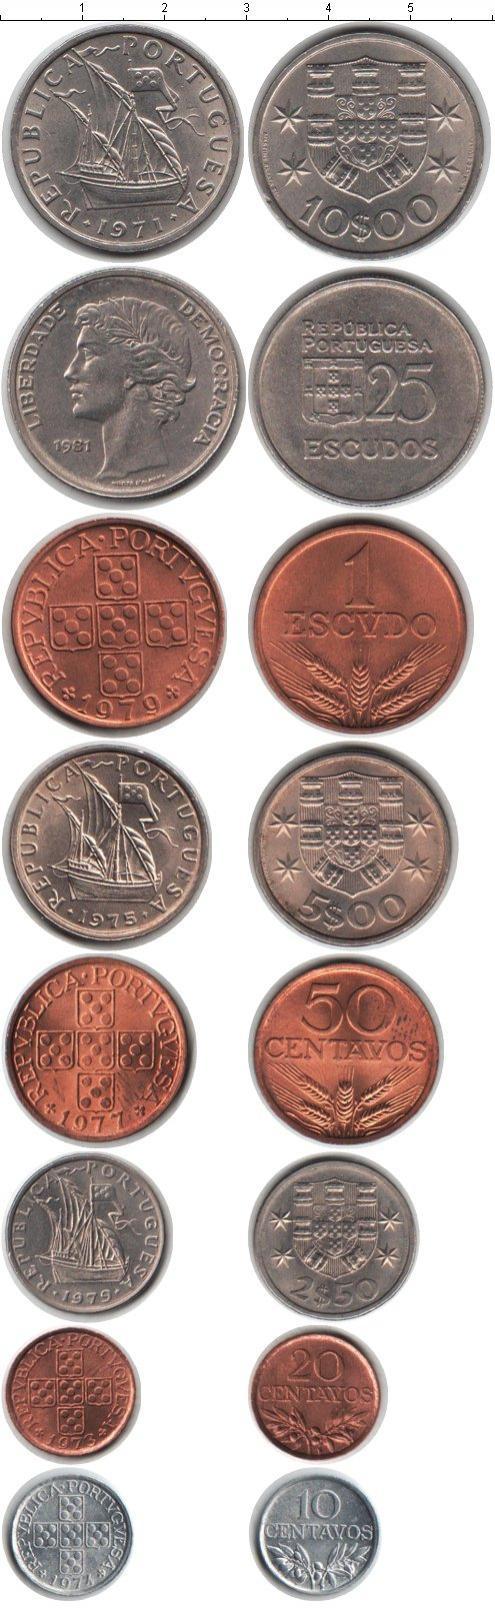 Каталог монет - Португалия Португалия 1971-1981